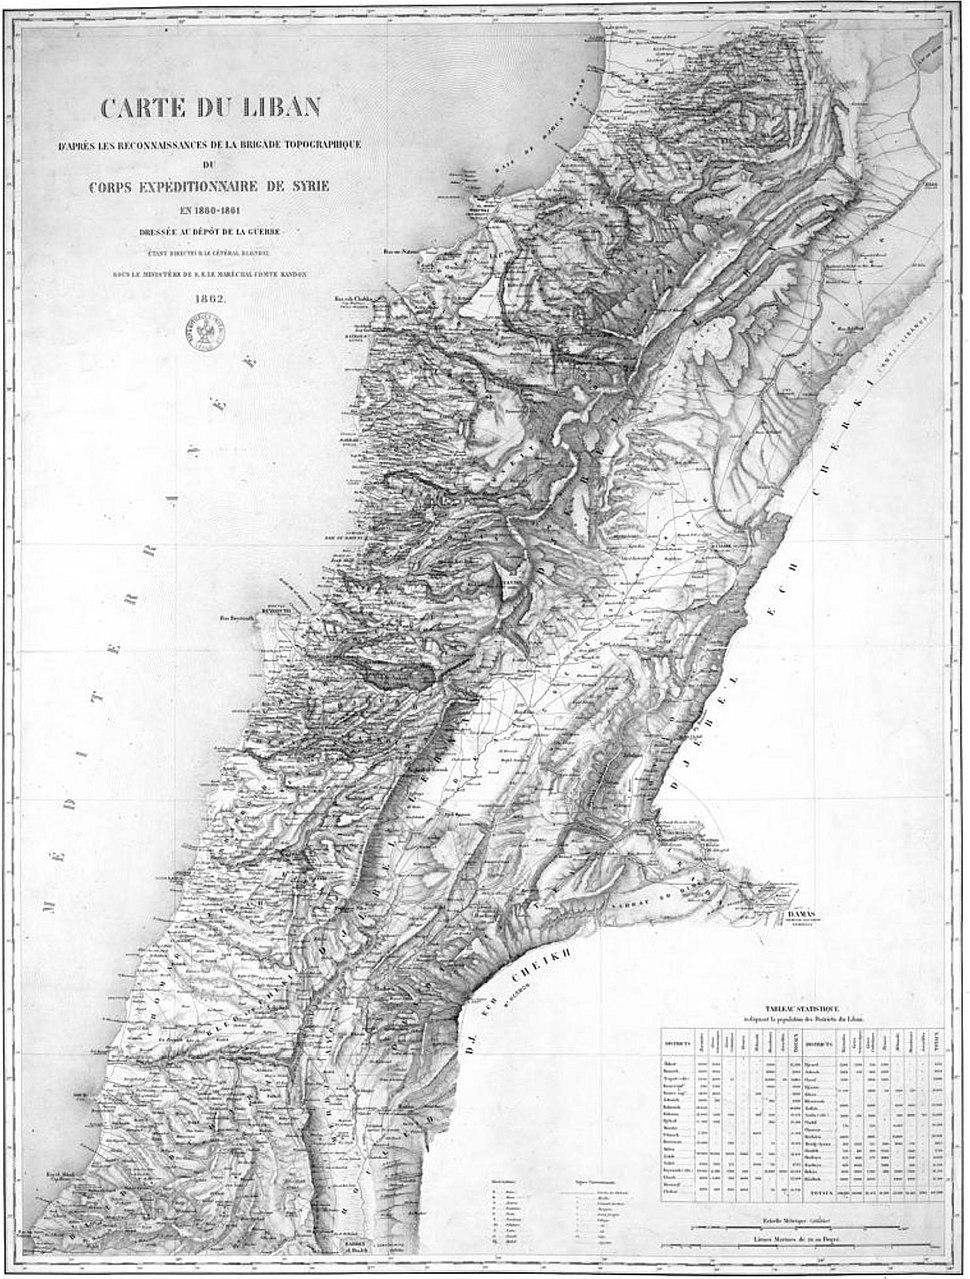 Lebanon as envisaged by French General Charles-Marie-Napoléon de Beaufort d'Hautpoul Beaufort d'Hautpoul in 1862